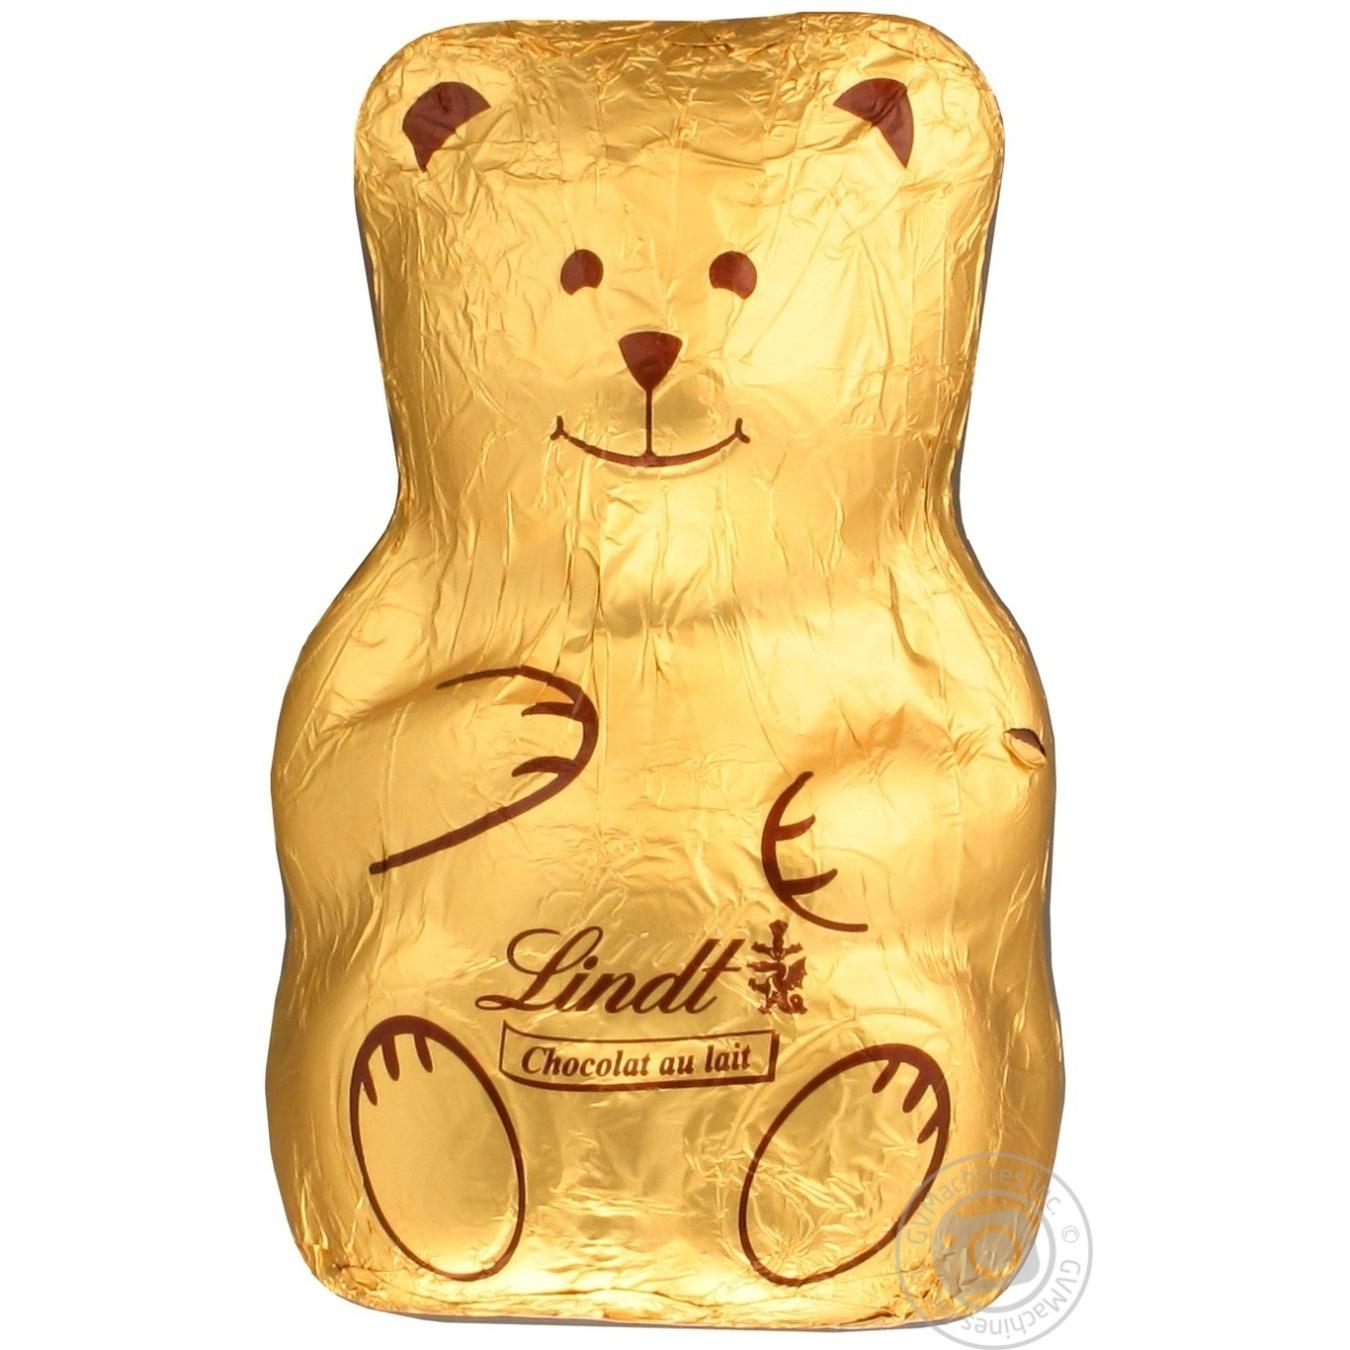 Купить Фігурка шоколадна Lindt тедді 100г